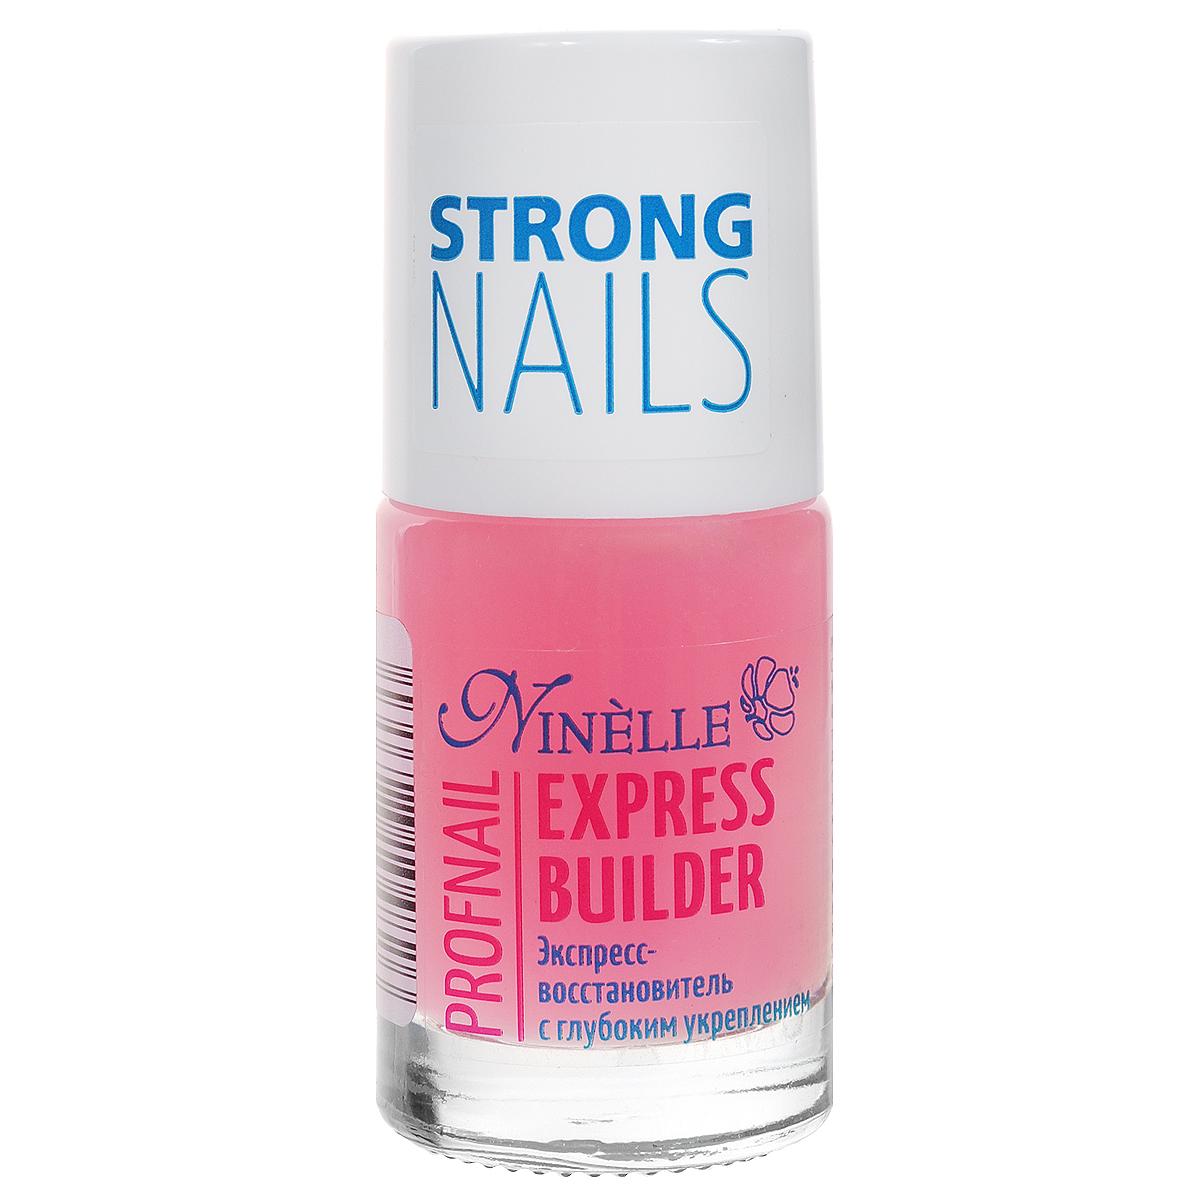 Ninelle Экспресс-восстановитель для ногтей Express Builder, с глубоким укреплением, 11 мл773N10482Средство сочетает эффективную механическую защиту с глубоким восстанавливающим действием. Лак моментально создает на поверхности ногтей защитный слой, который придает ногтям большую твердость и предохраняет их от расслаивания и ломкости.Товар сертифицирован.